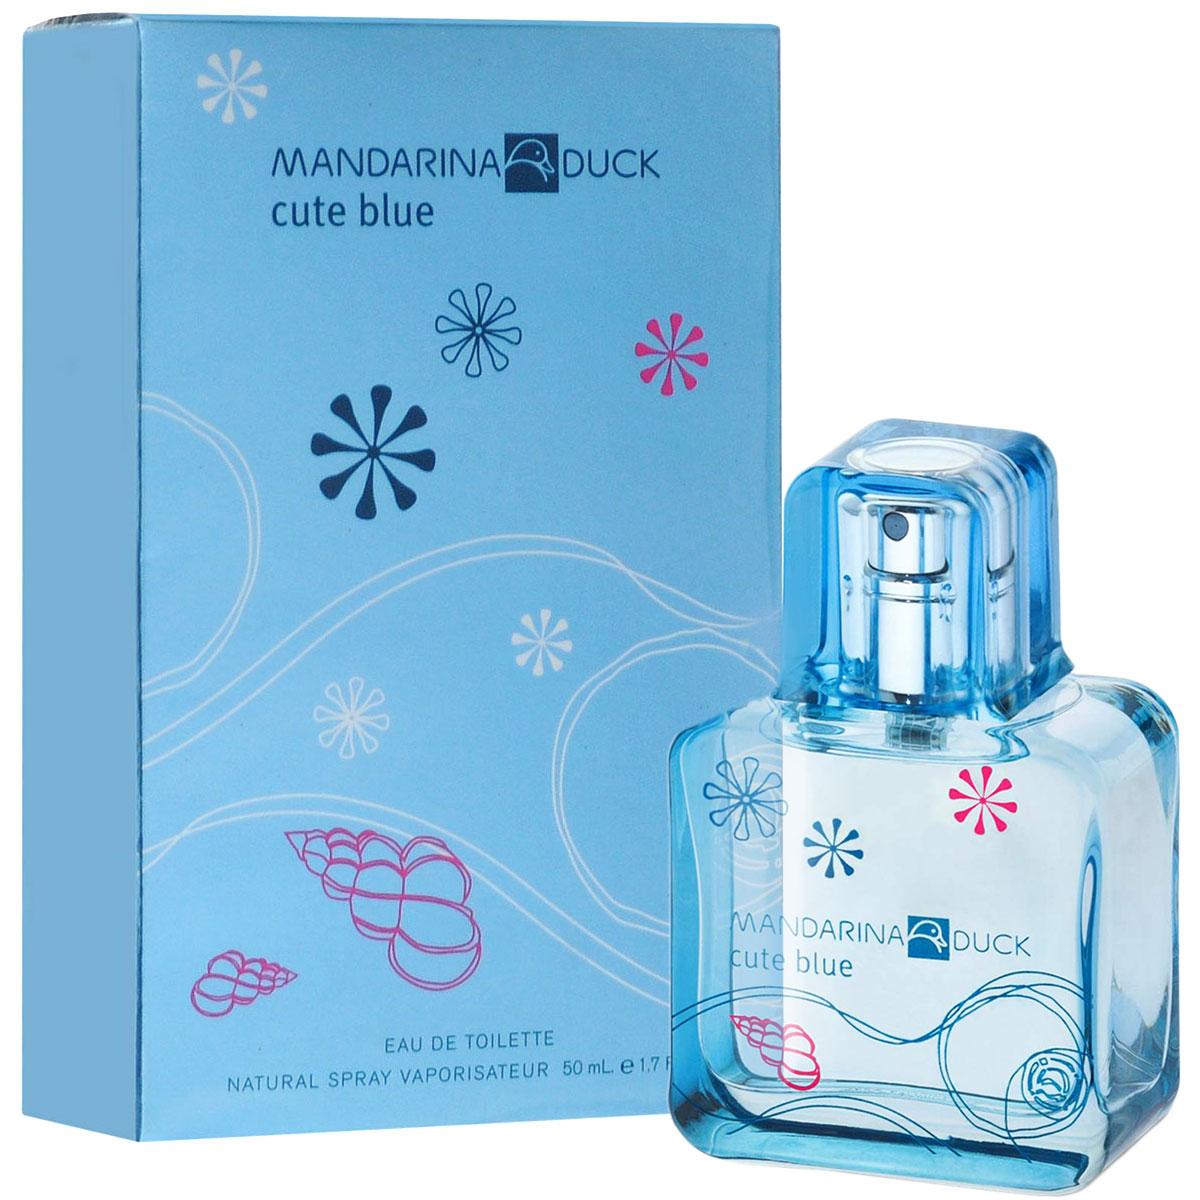 Mandarina Duck Туалетная вода Cute Blue, женская, 50 мл47103Туалетная вода Cute Blue от Mandarina Duck - свежий водный и цветочно-фруктовый аромат для тех, кто любит природу и открытое пространство. Древесная теплота базовых нот гармонизирует это парфюмерное творение. Освежающий аромат тысячи лепестков, парящих в воздухе…Аромат счастья, витающего в светлом голубом небе. Лотос, магнолия и цветы грейпфрута соединяются с игривым имбирем и нотами росы. Вуаль белого мускуса, серой амбры и кедра наполняет аромат нежным сексуальным шлейфом… Классификация аромата : свежий, цветочно-фруктовый. Пирамида аромата : Верхние ноты: цветы грейпфрута, бергамот, голубой лотос. Ноты сердца: свежий имбирь, магнолия, воздушная дымка. Ноты шлейфа: масло техасского кедра, серая амбра, белый мускус. Ключевые слова Легкий, свежий, сексуальный! Туалетная вода - один из самых популярных видов парфюмерной продукции. Туалетная...